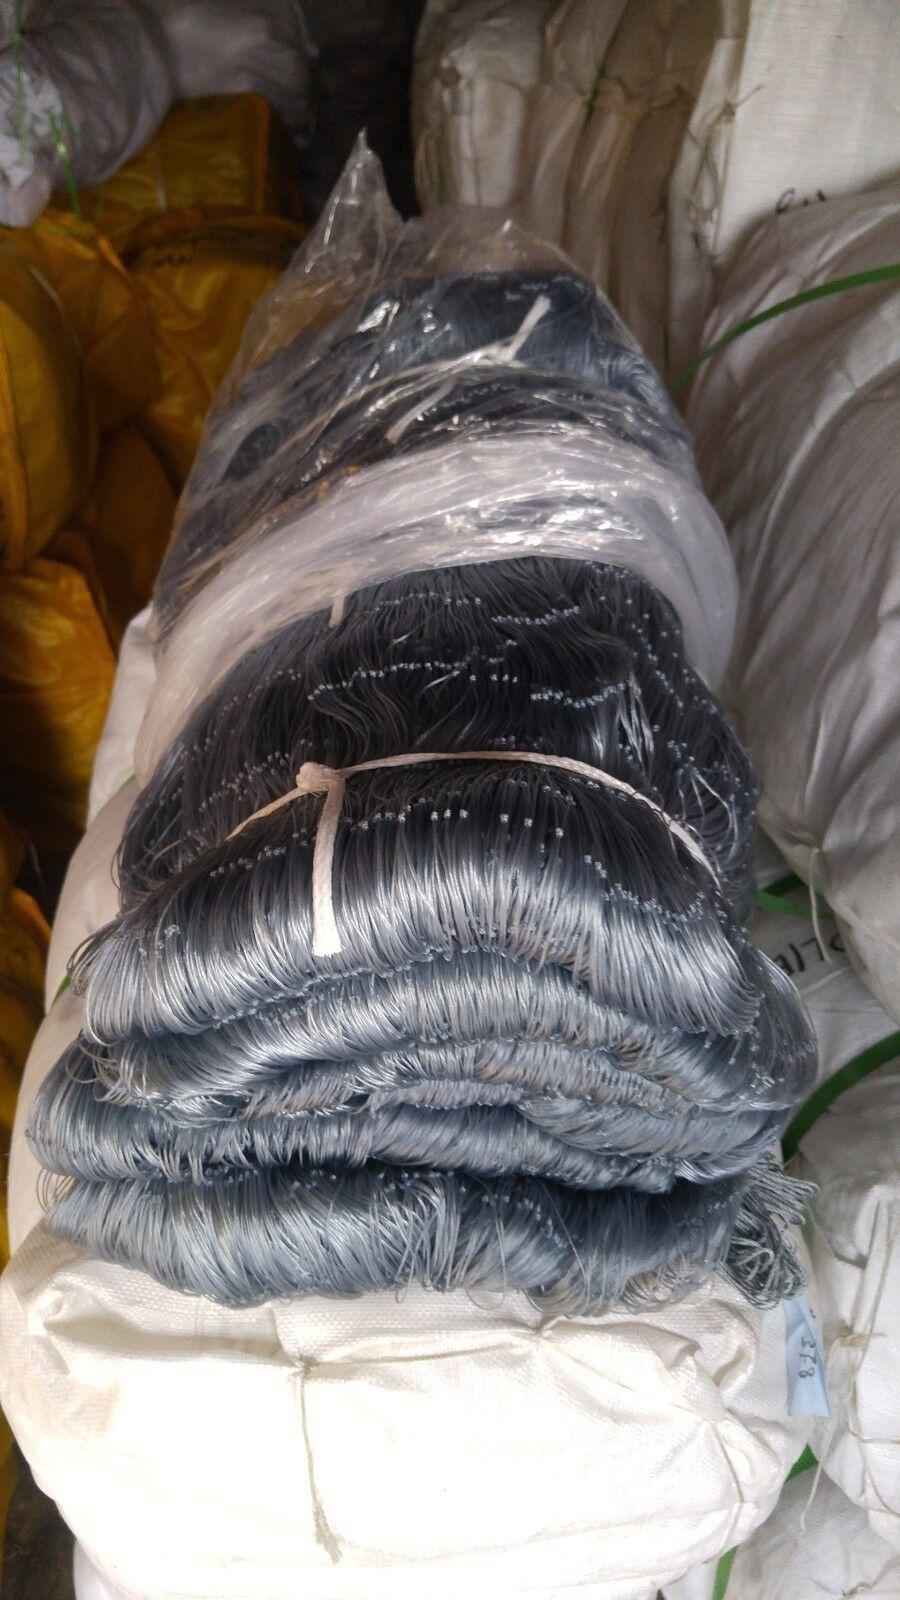 51/16 inch 60 mesh 630ft Alaska Twist fishing / Smoky gill net Smoky / Grau c72fb6